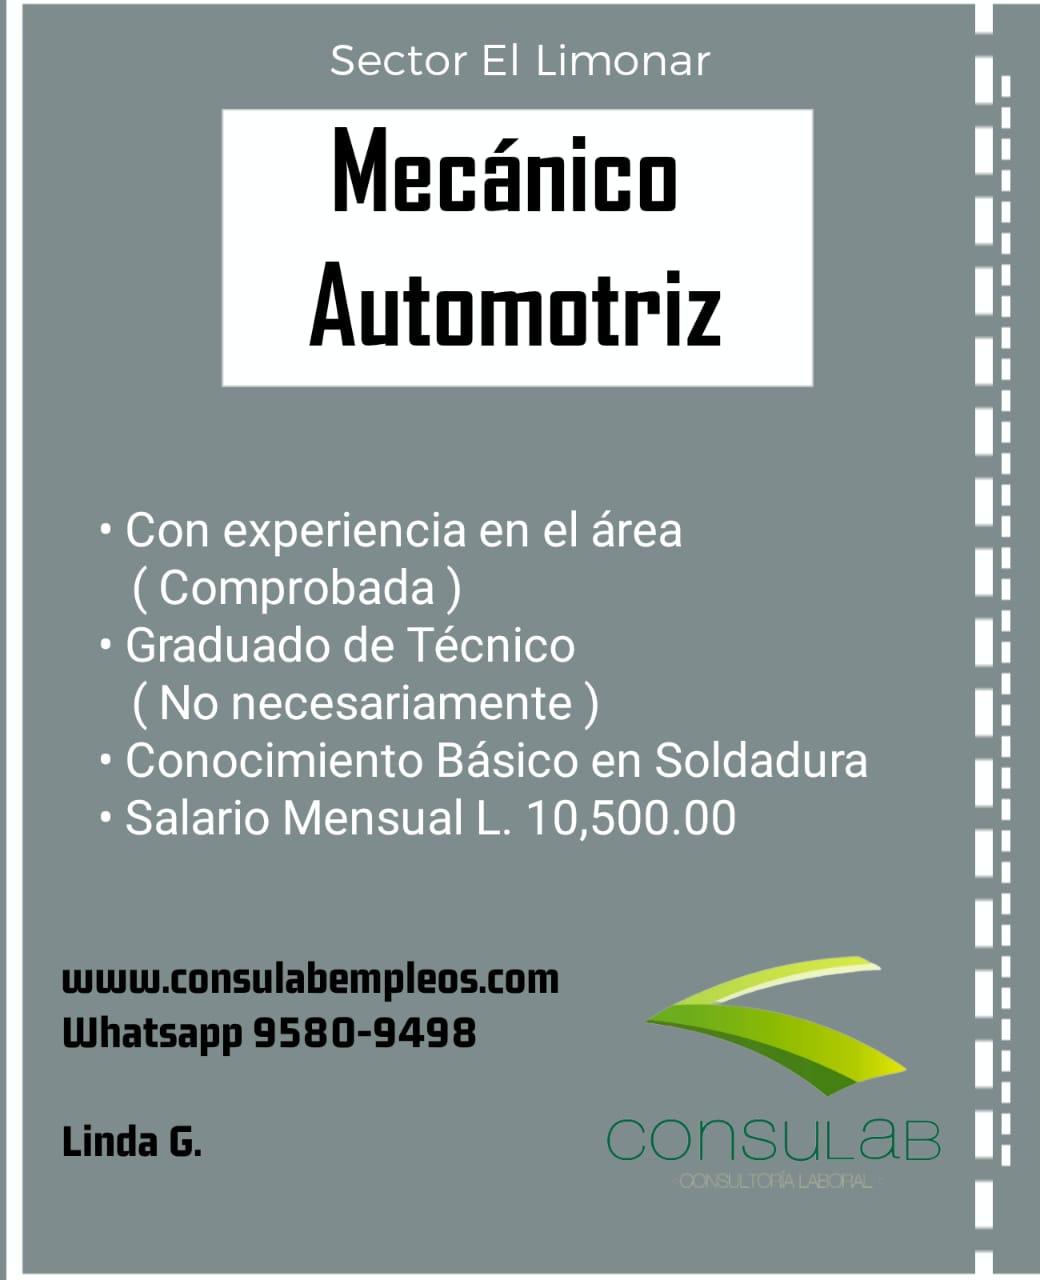 Mecanico automotriz Sector el Limonar